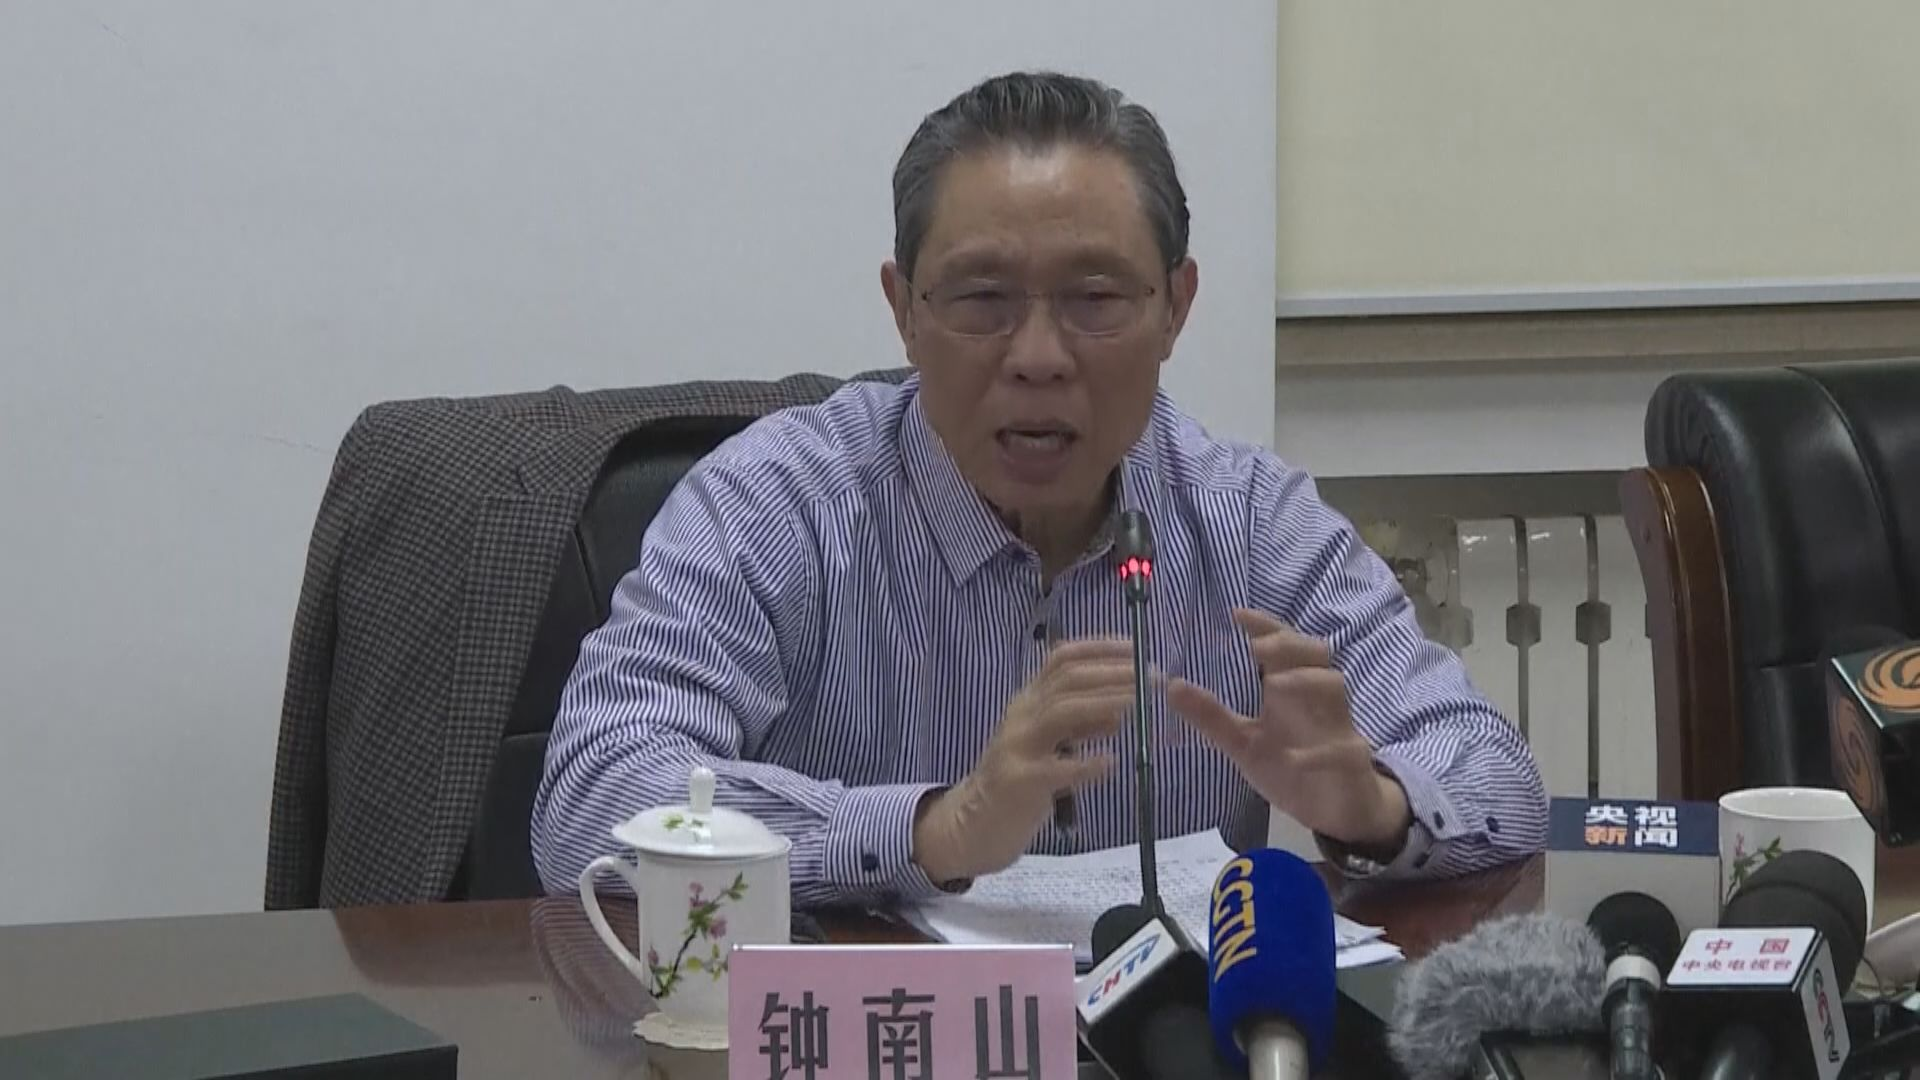 鍾南山:有數種藥物已準備用於臨床治療